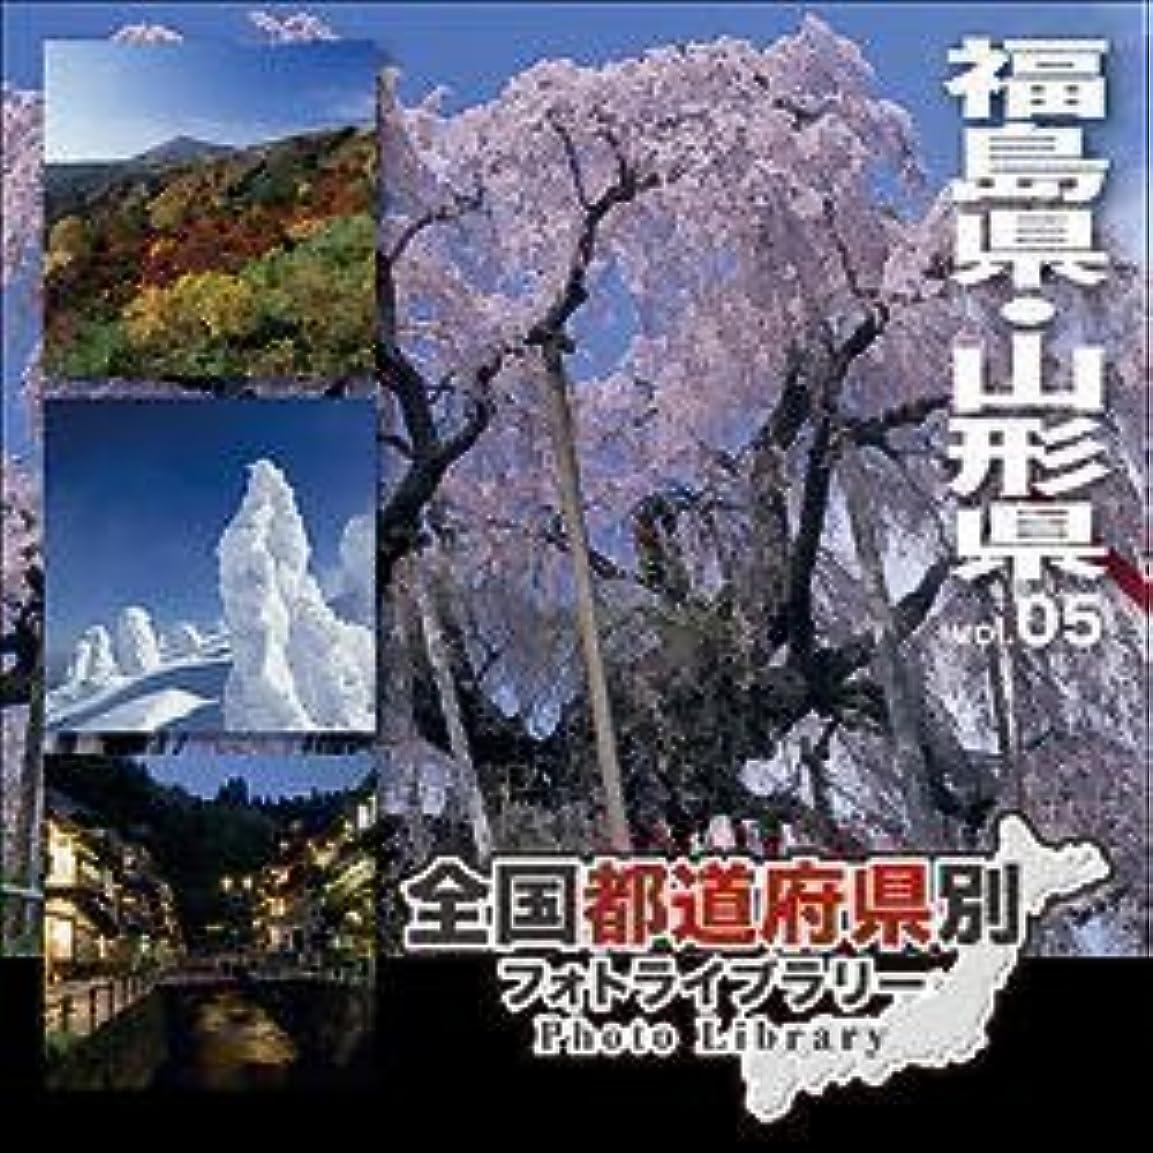 切手評価可能全国都道府県別フォトライブラリー Vol.05 福島?山形県